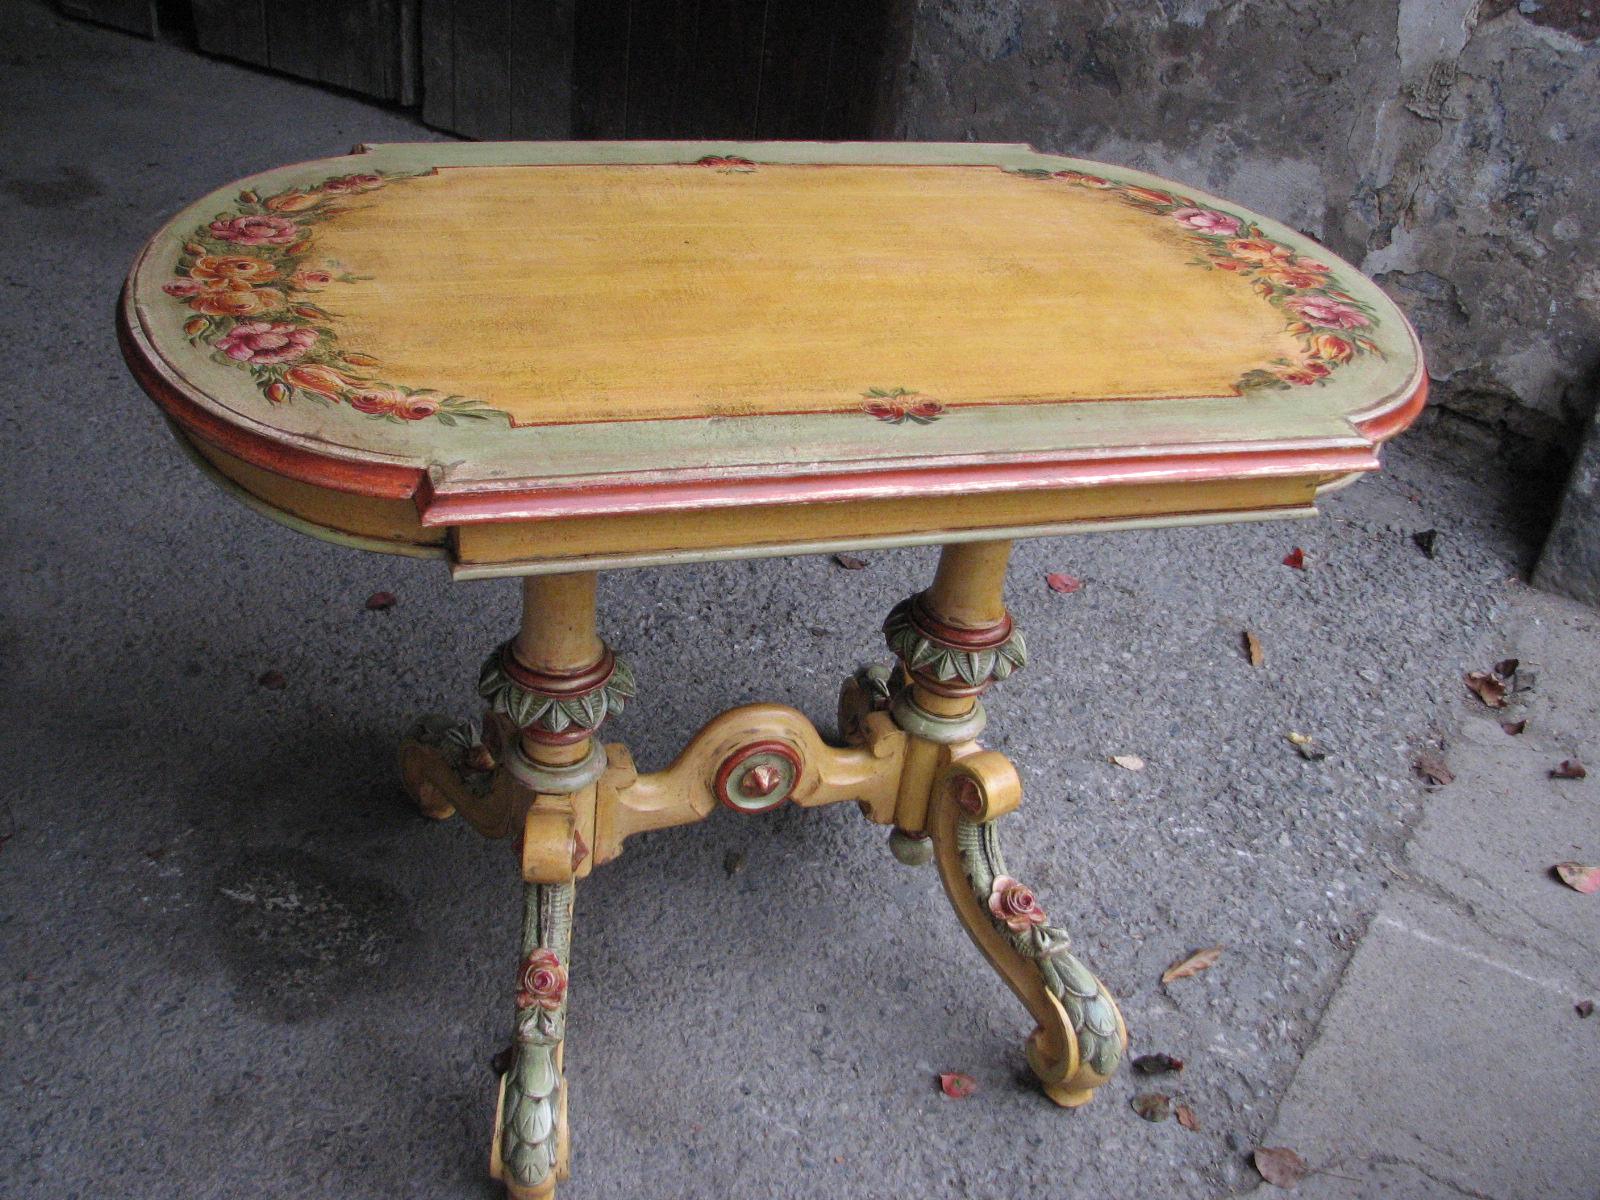 Malovaný stůl v italském stylu s květinami 3